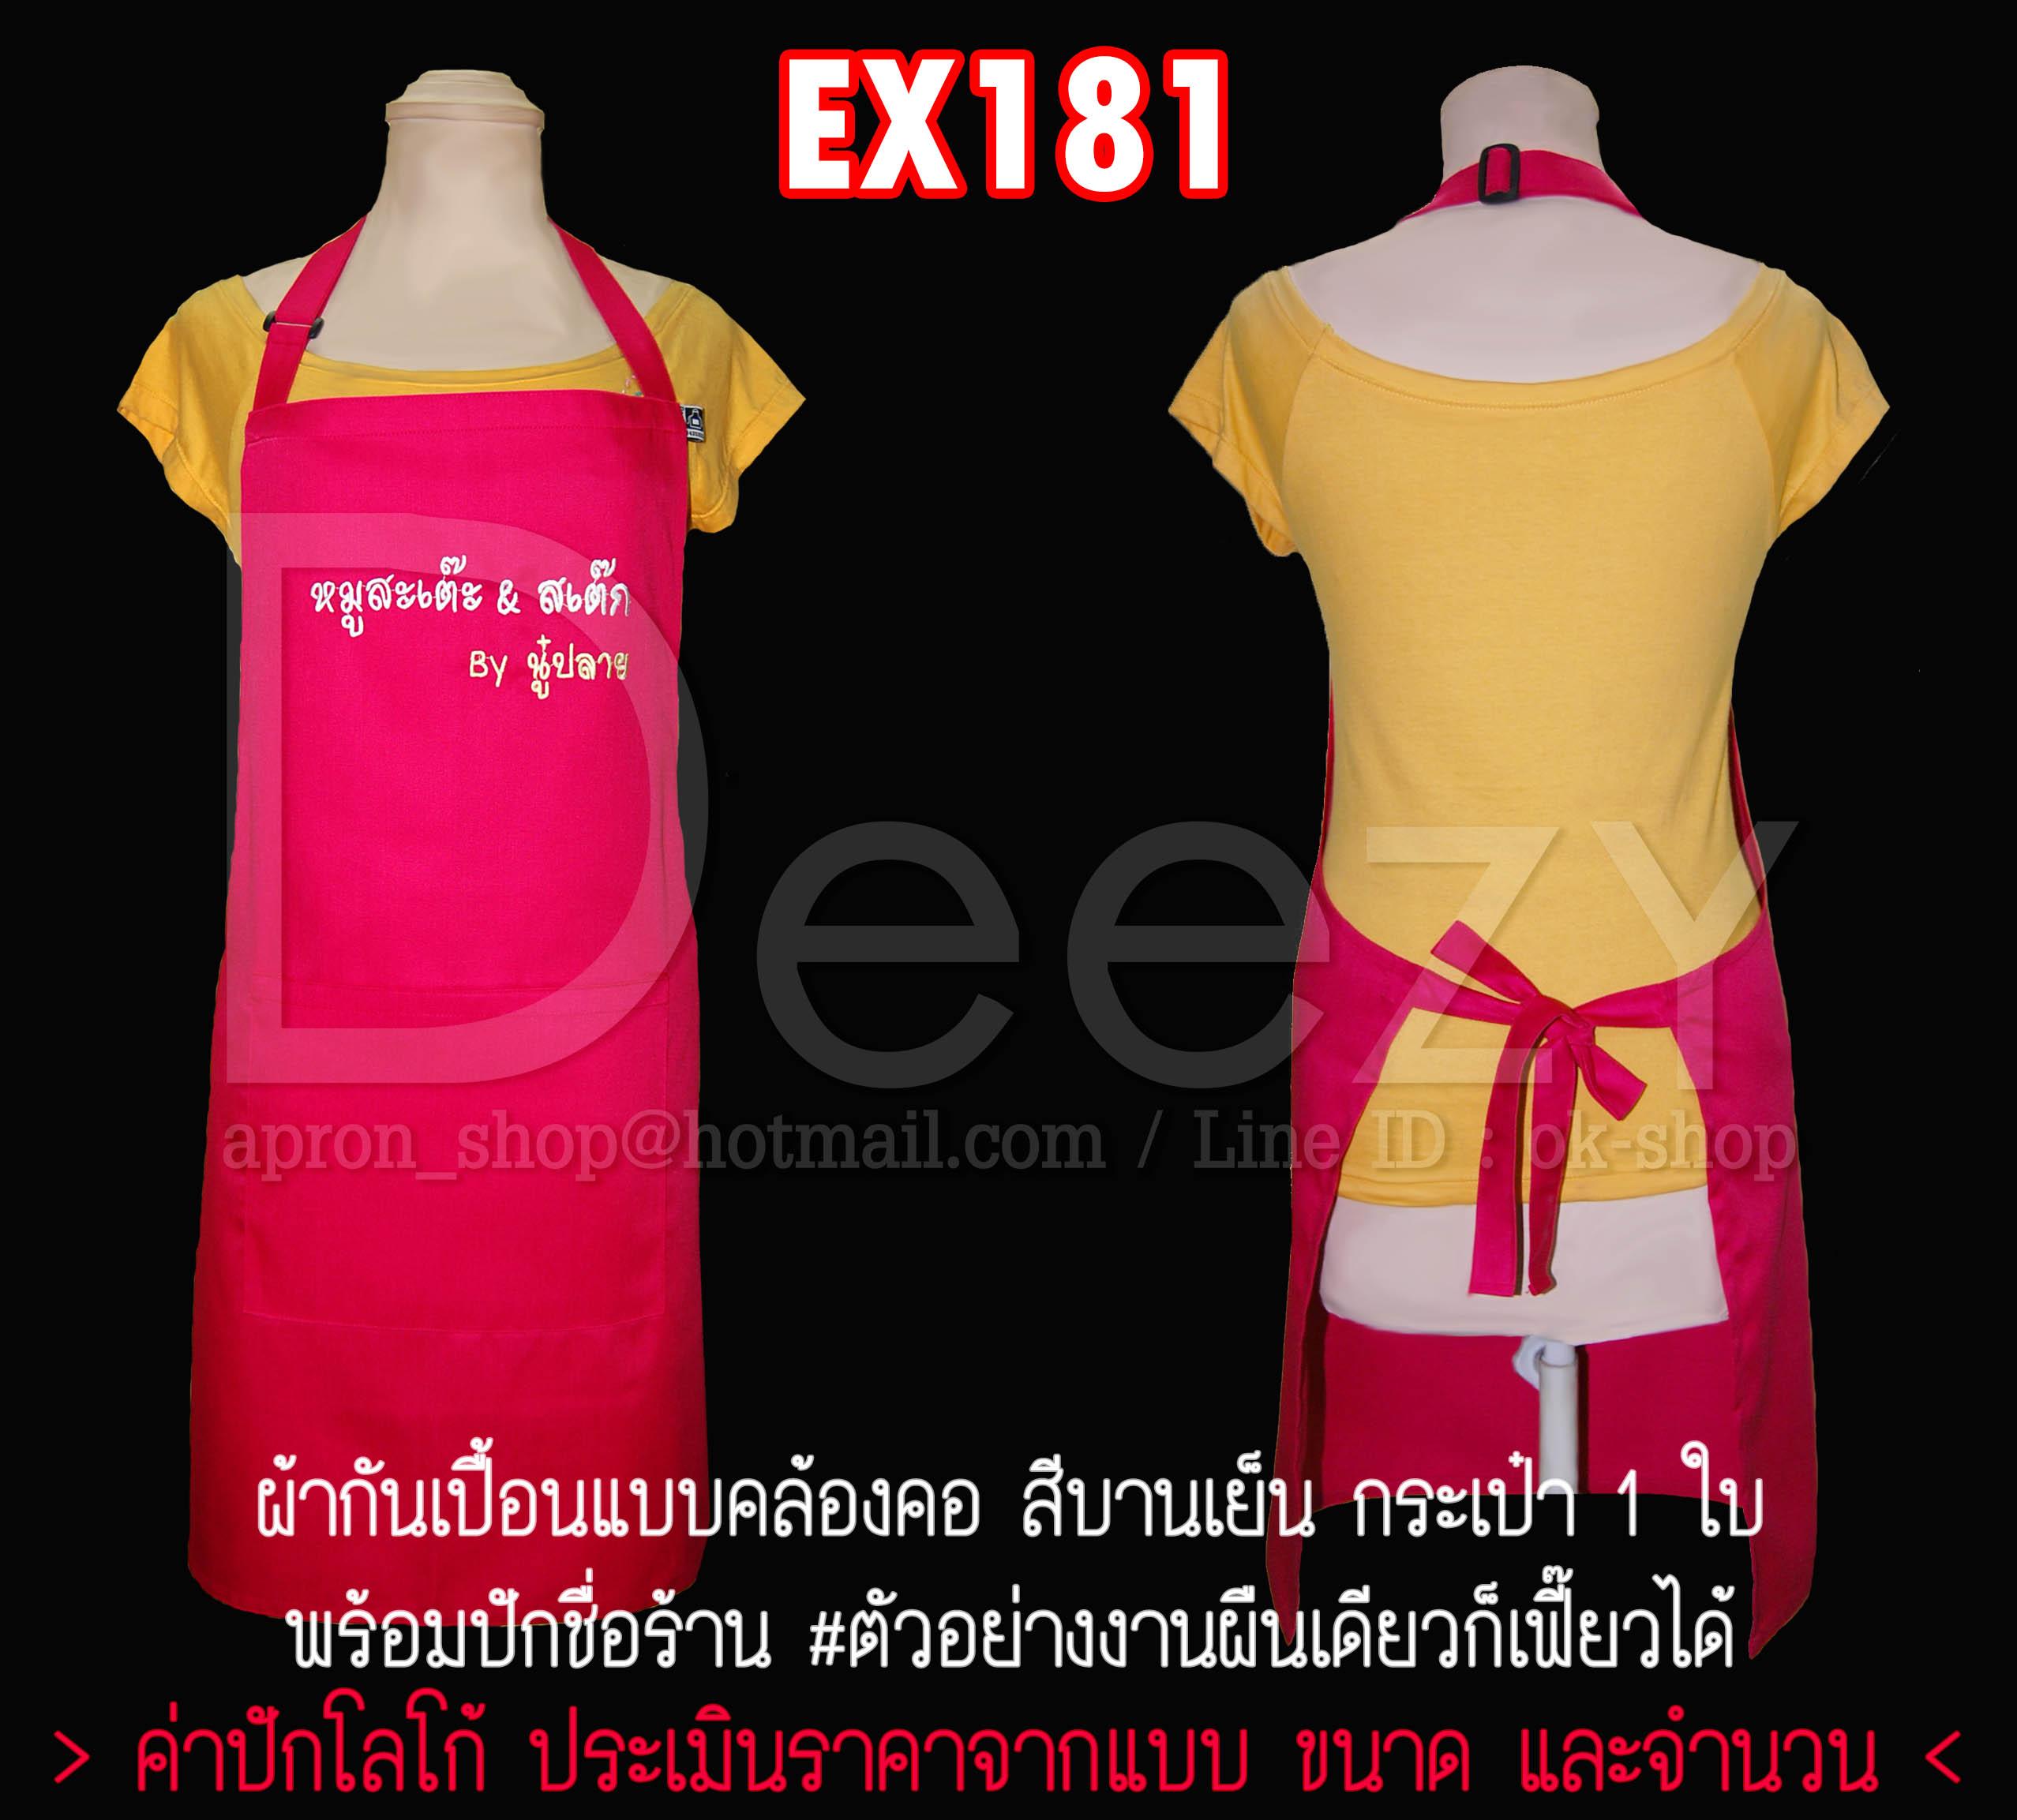 ผ้ากันเปื้อนคล้องคอสีบานเย็น 1 กระเป๋า ปักโลโก้ EX181